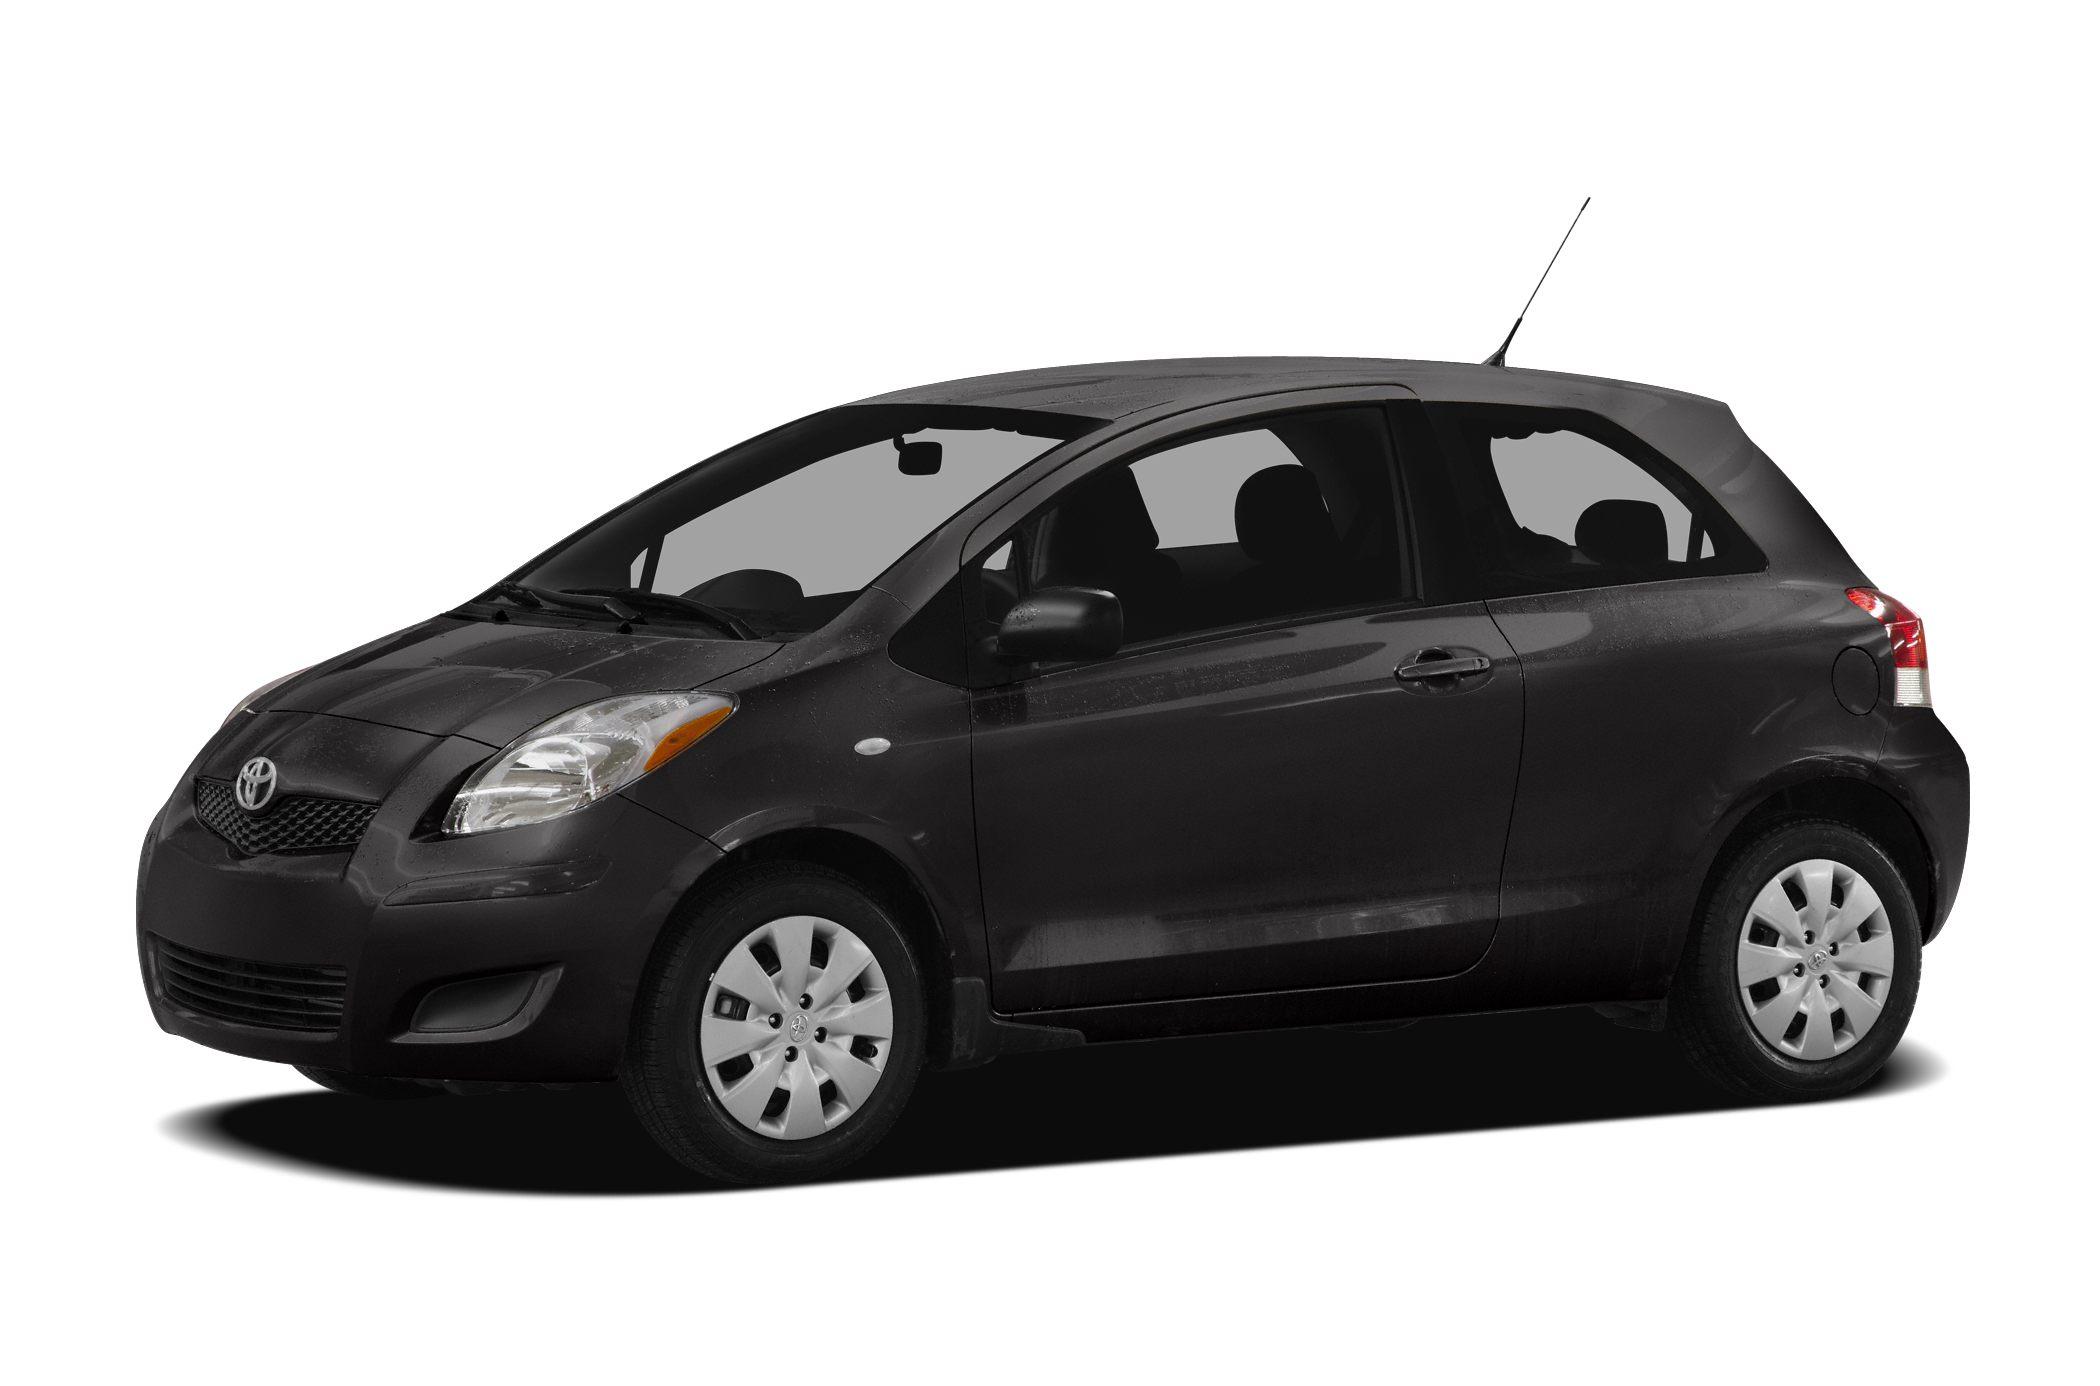 Kekurangan Toyota Yaris 2009 Murah Berkualitas